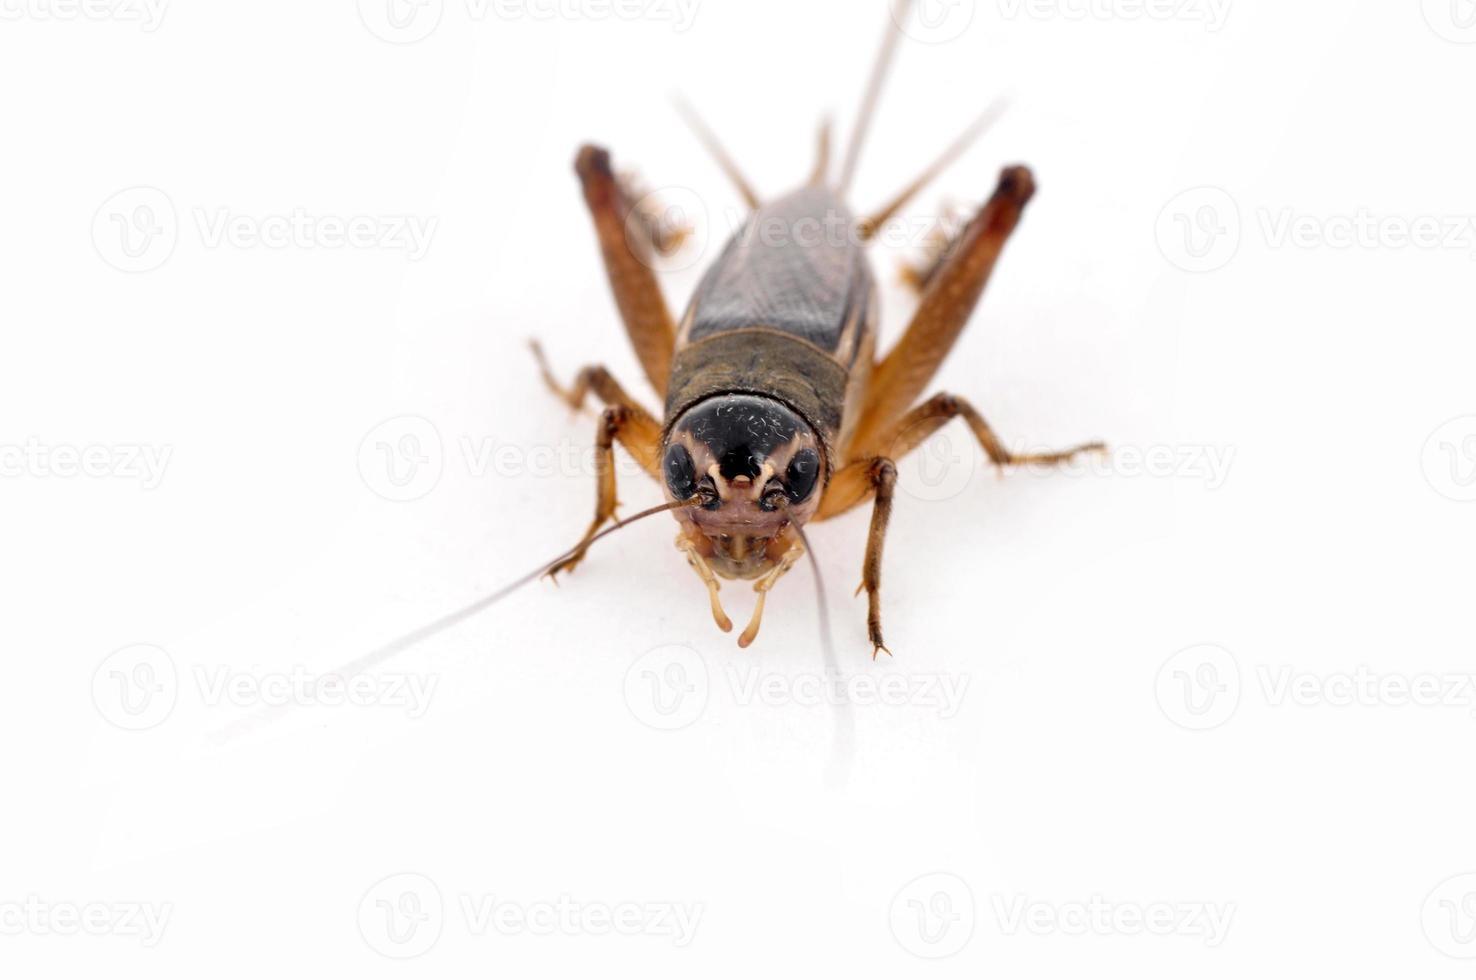 cricket på en vit bakgrund foto